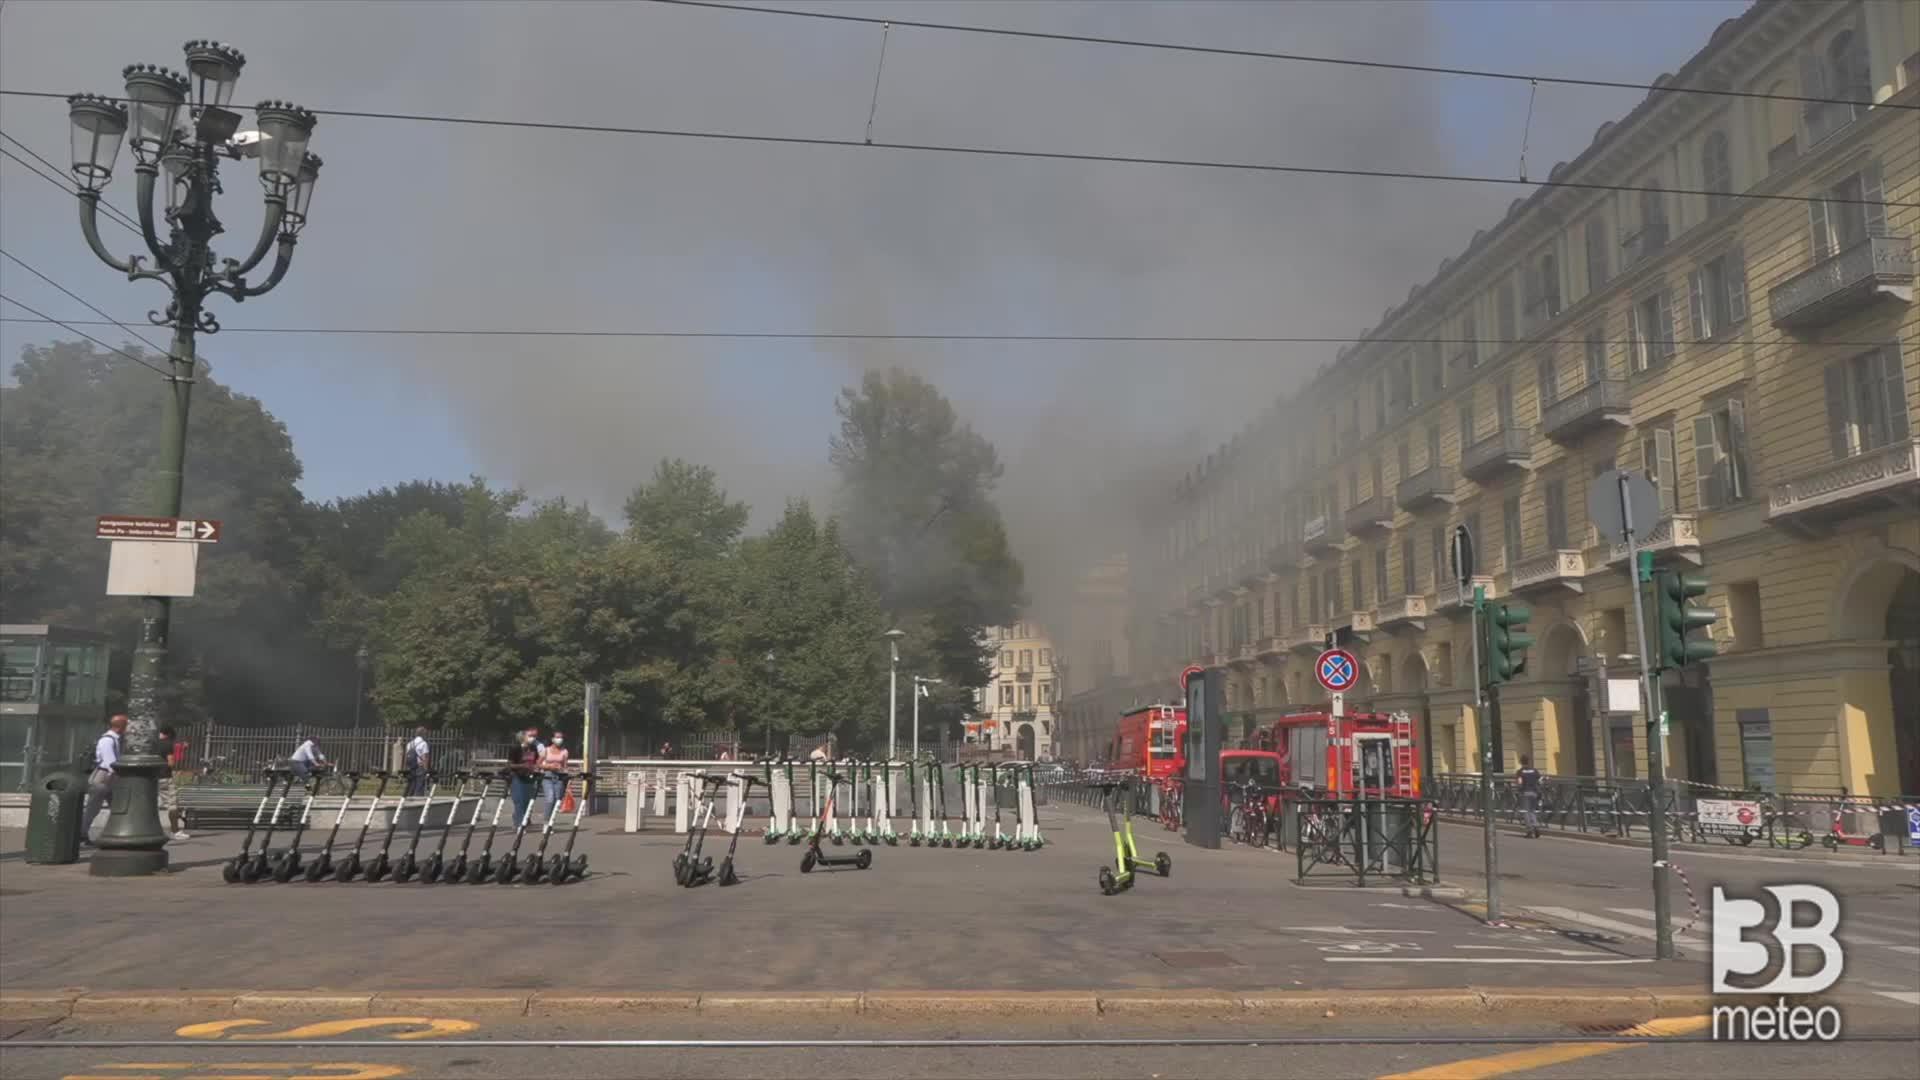 Fumo denso nel cielo di Torino: a fuoco palazzo residenziale